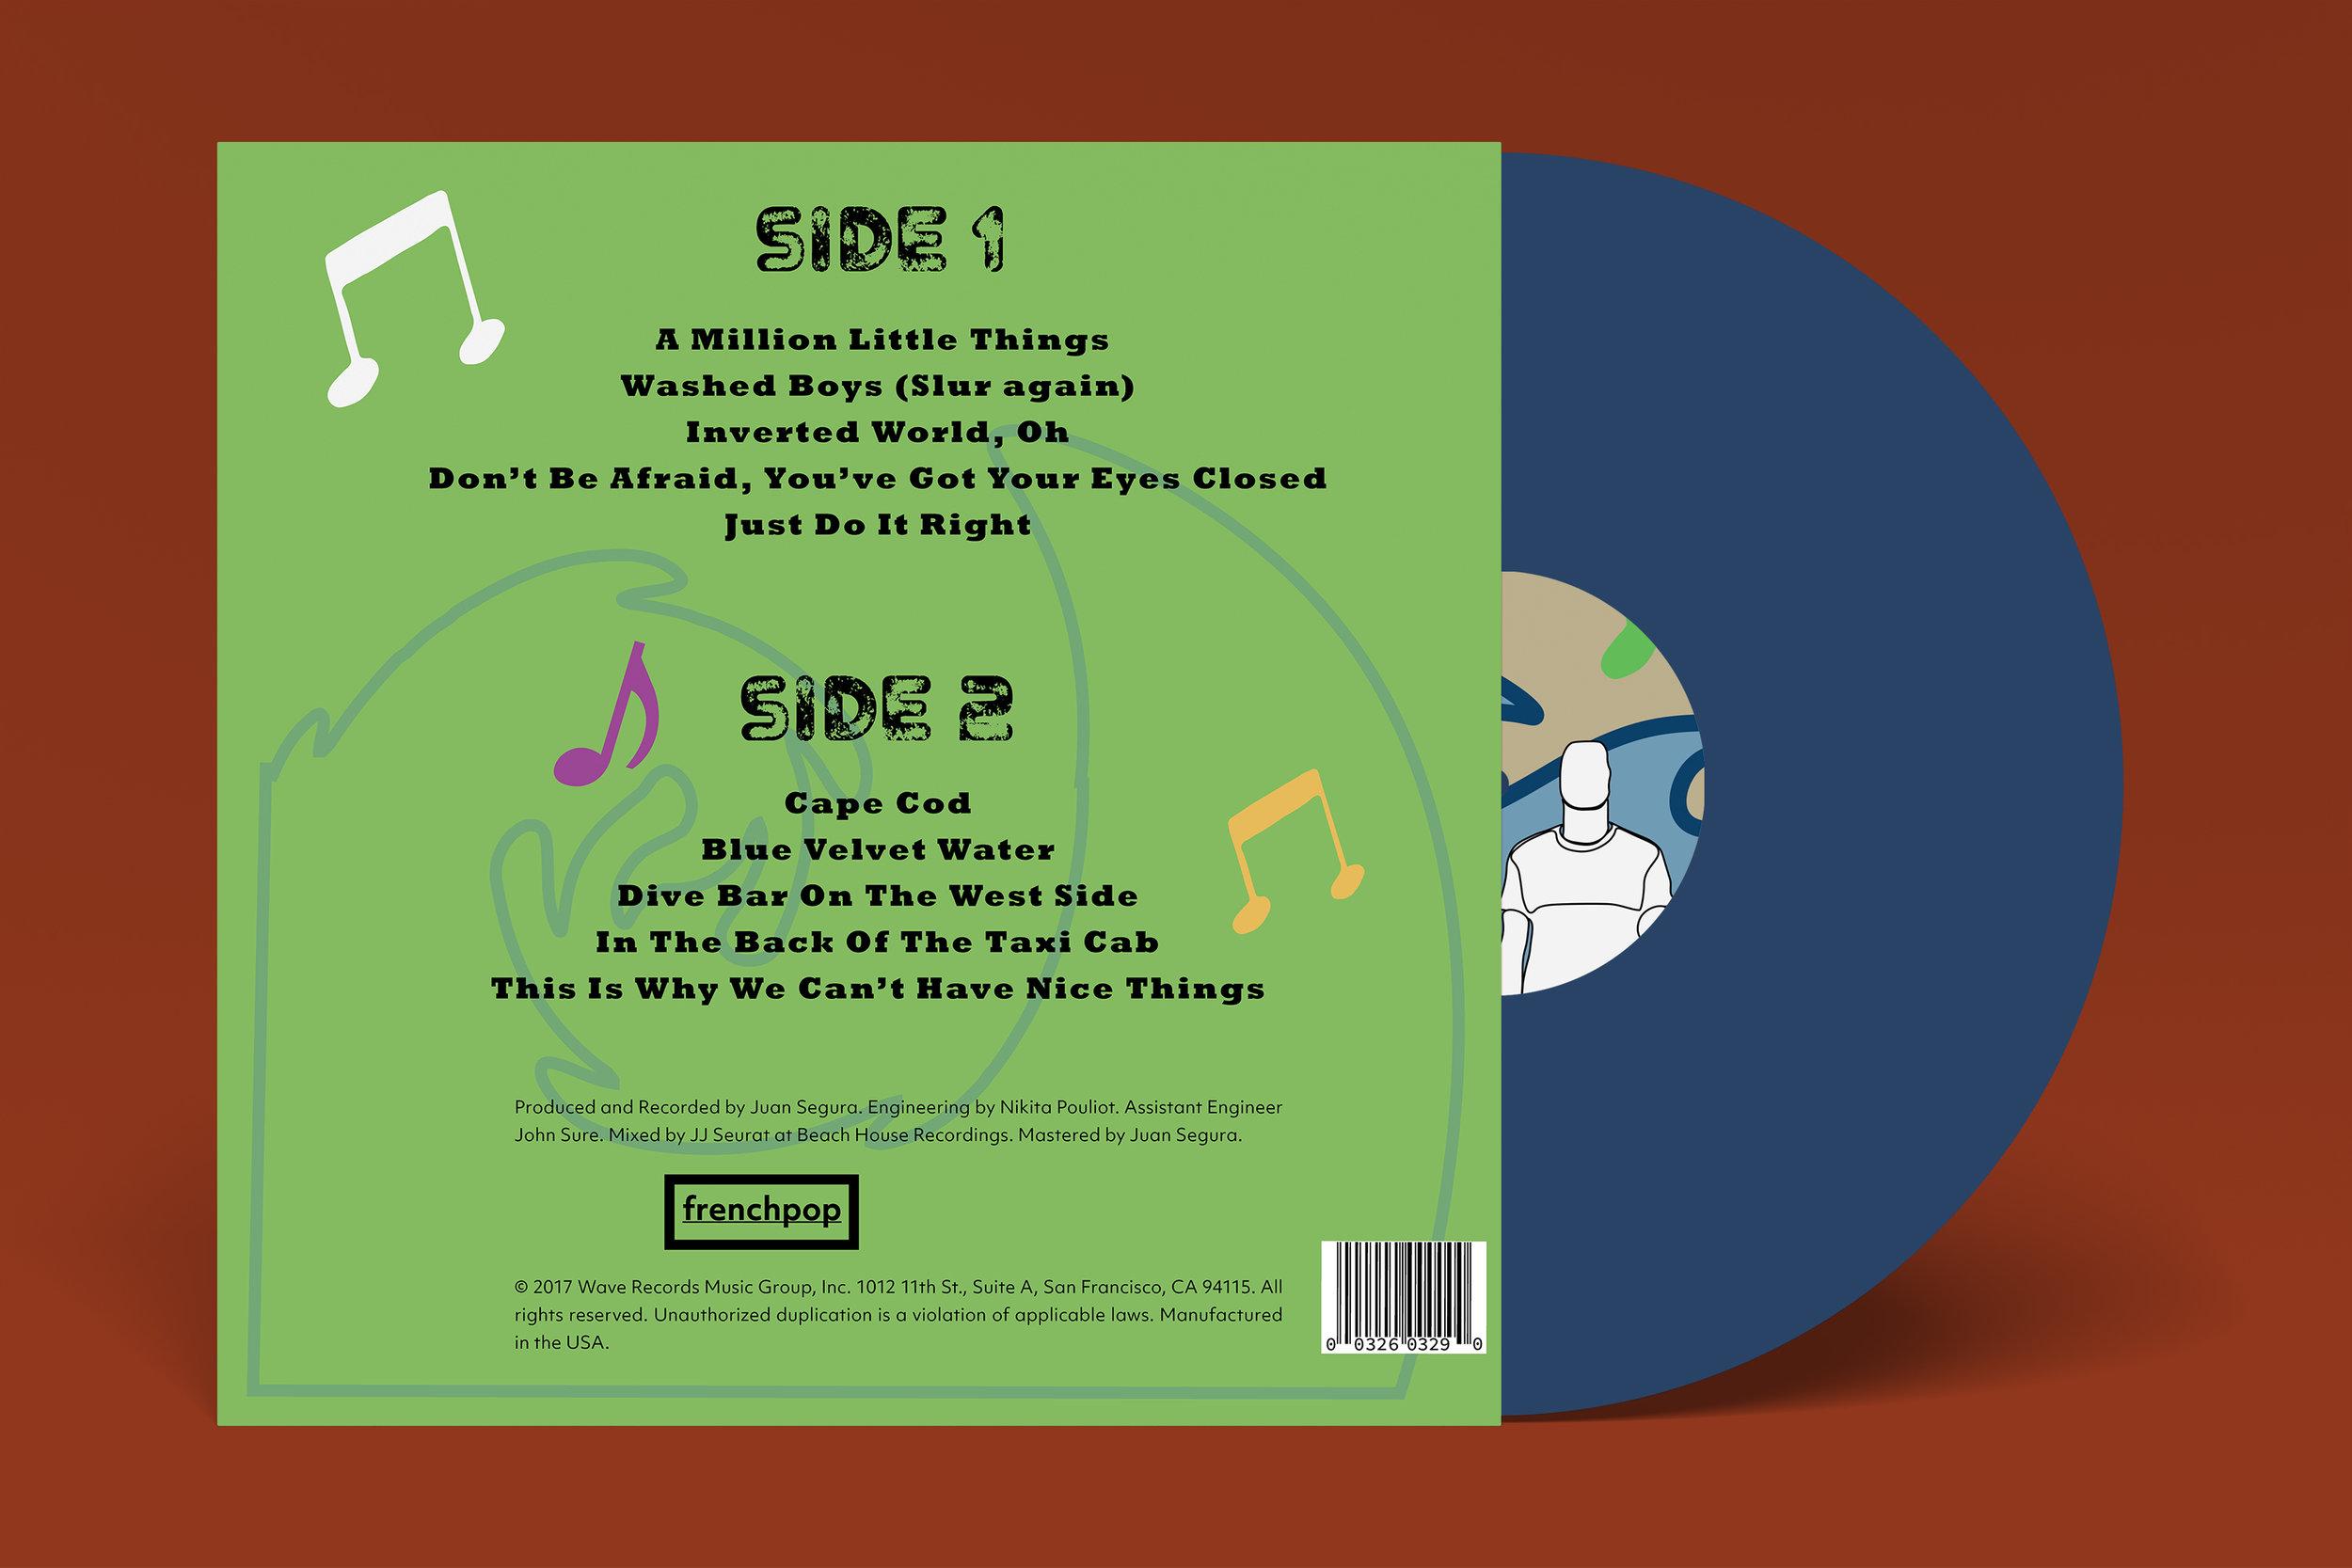 album_cover_1_back.jpg